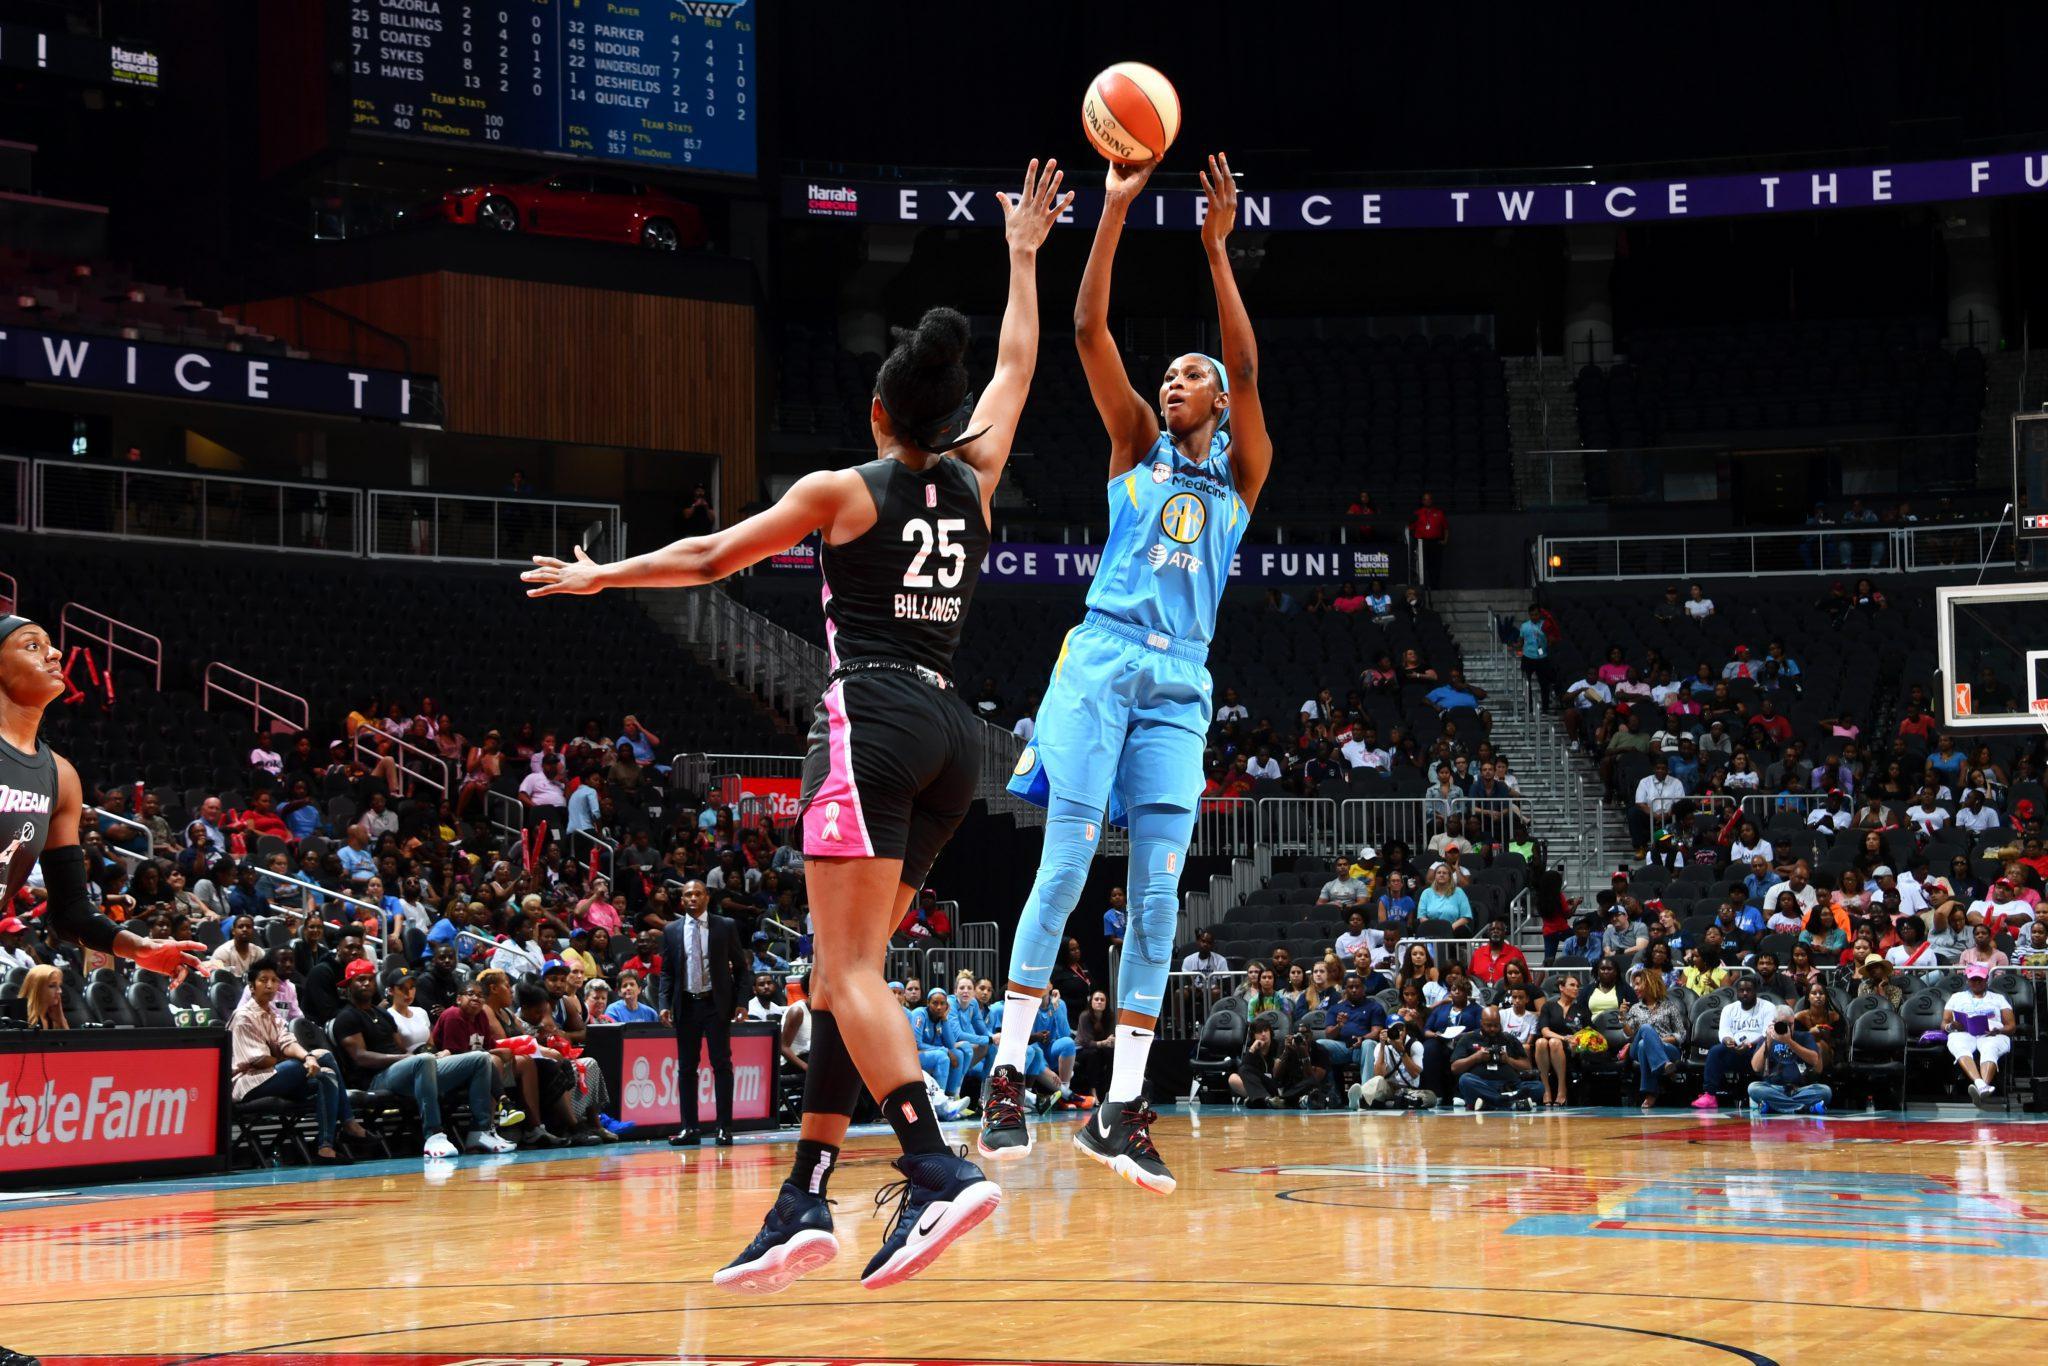 Astou Ndour, a los playoffs de la WNBA: Maite Cazorla se queda fuera